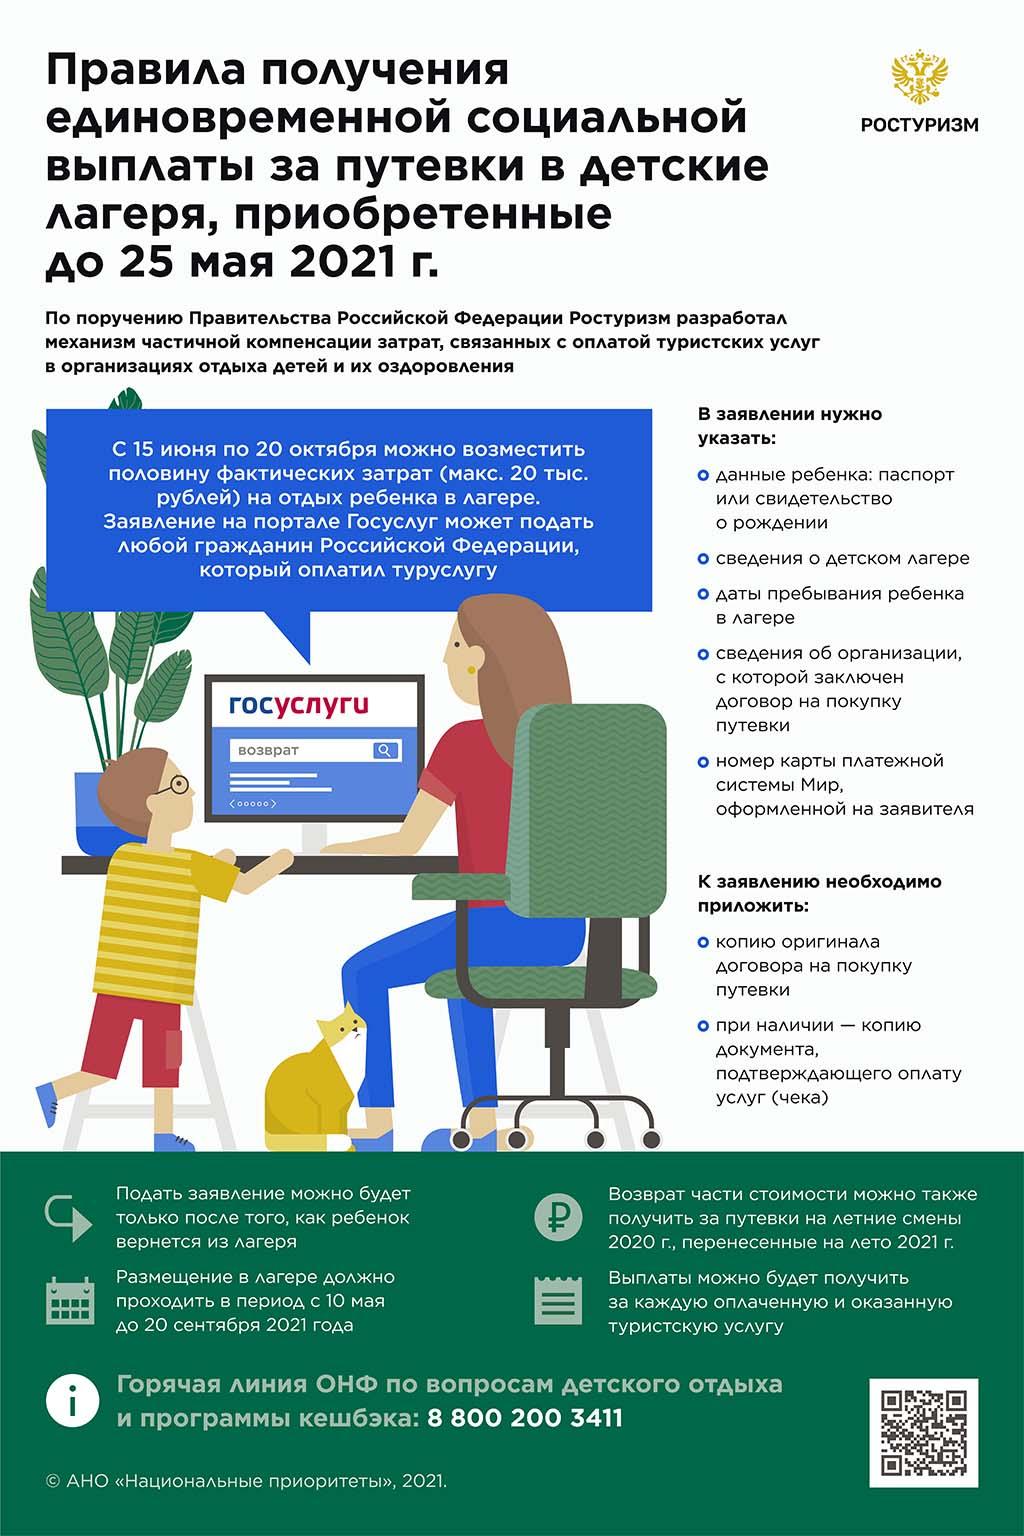 Программа возврата средств за детские путевки через «Госуслуги» стартовала в России